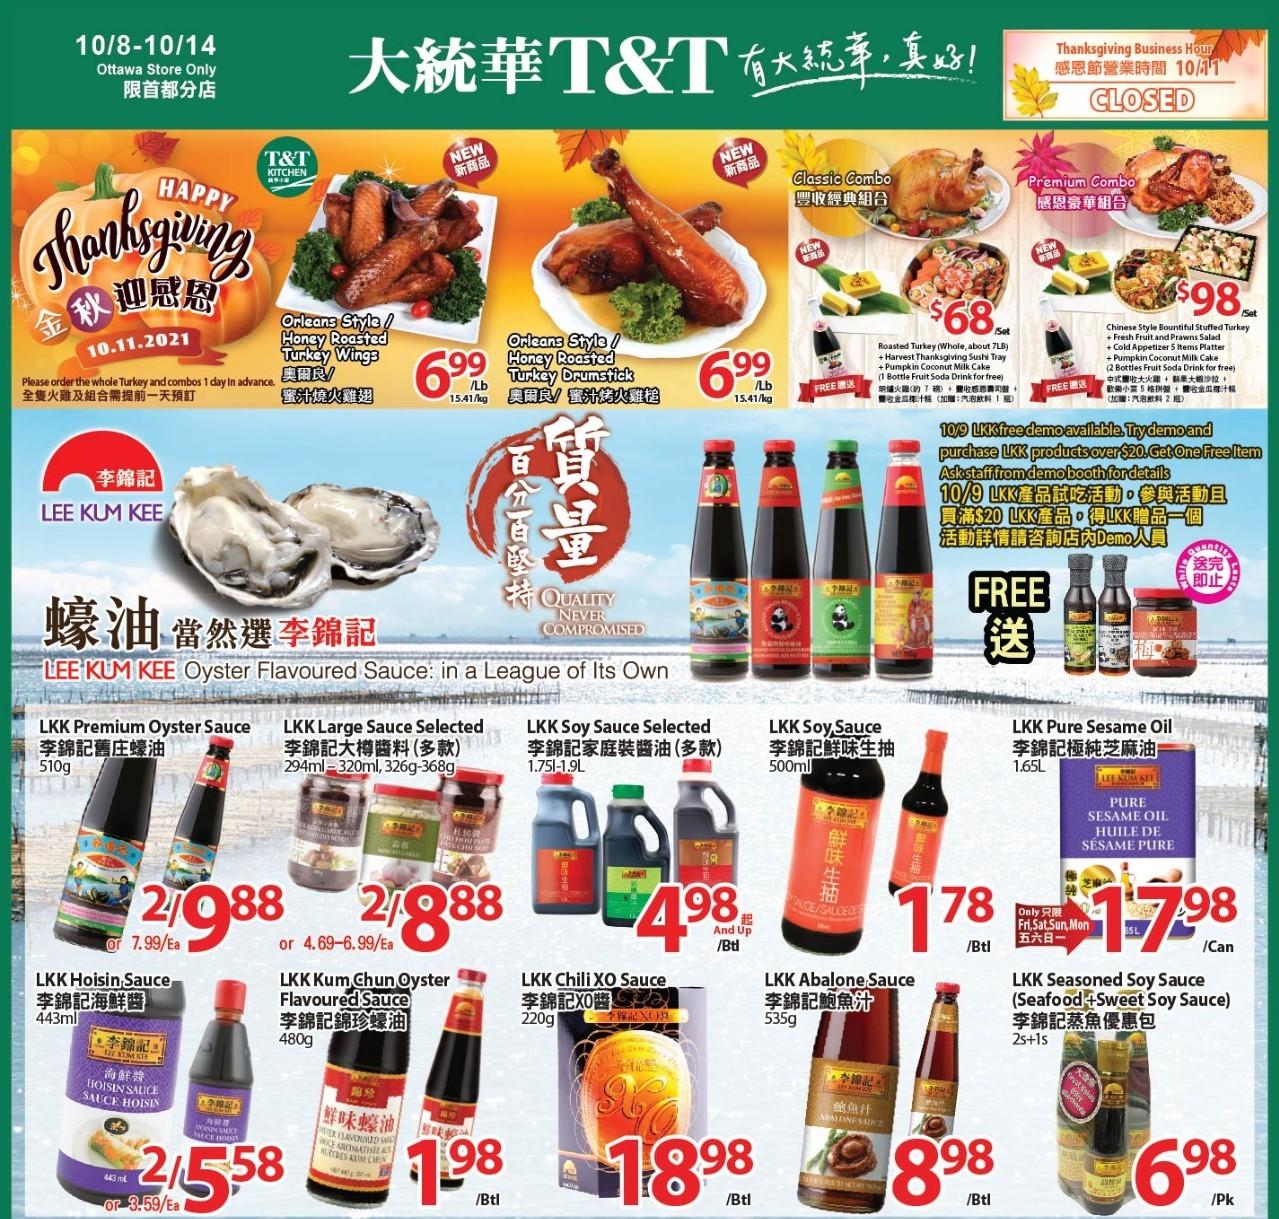 TNT Supermarket GTA Flyer | Oct 8